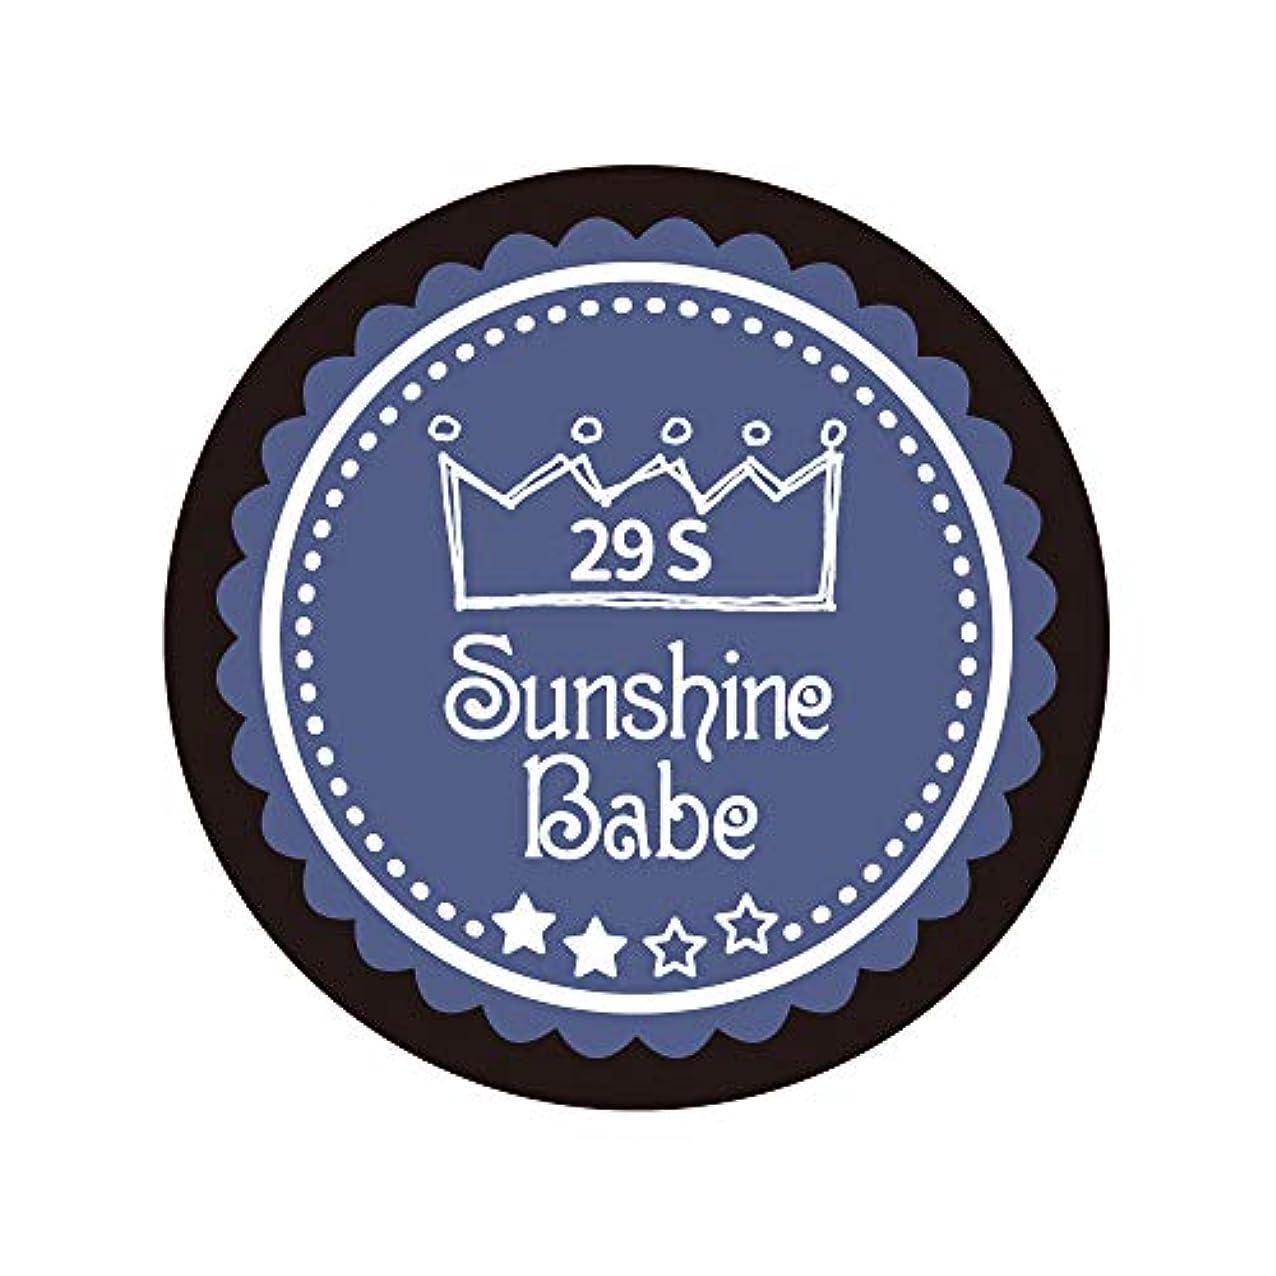 増加する原子炉郵便Sunshine Babe カラージェル 29S ネイビーグレー 2.7g UV/LED対応